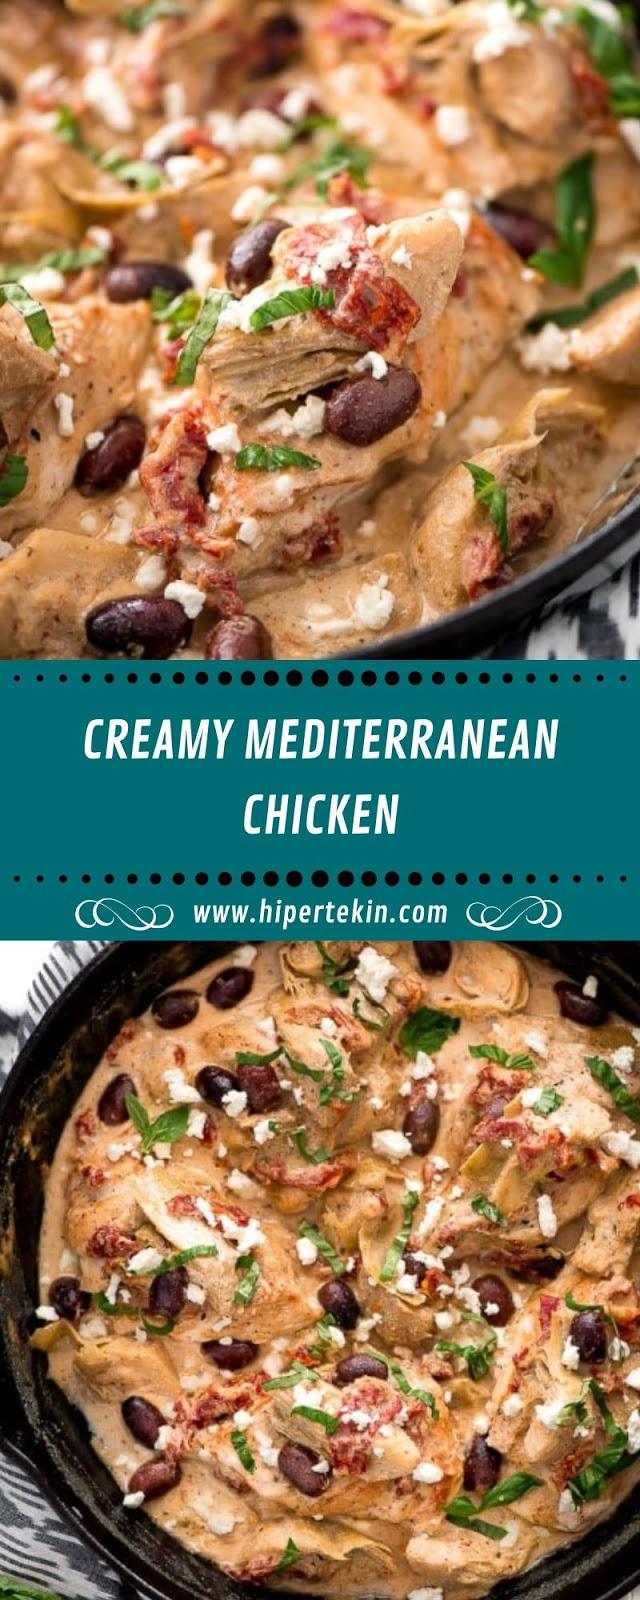 CREAMY MEDITERRANEAN CHICKEN